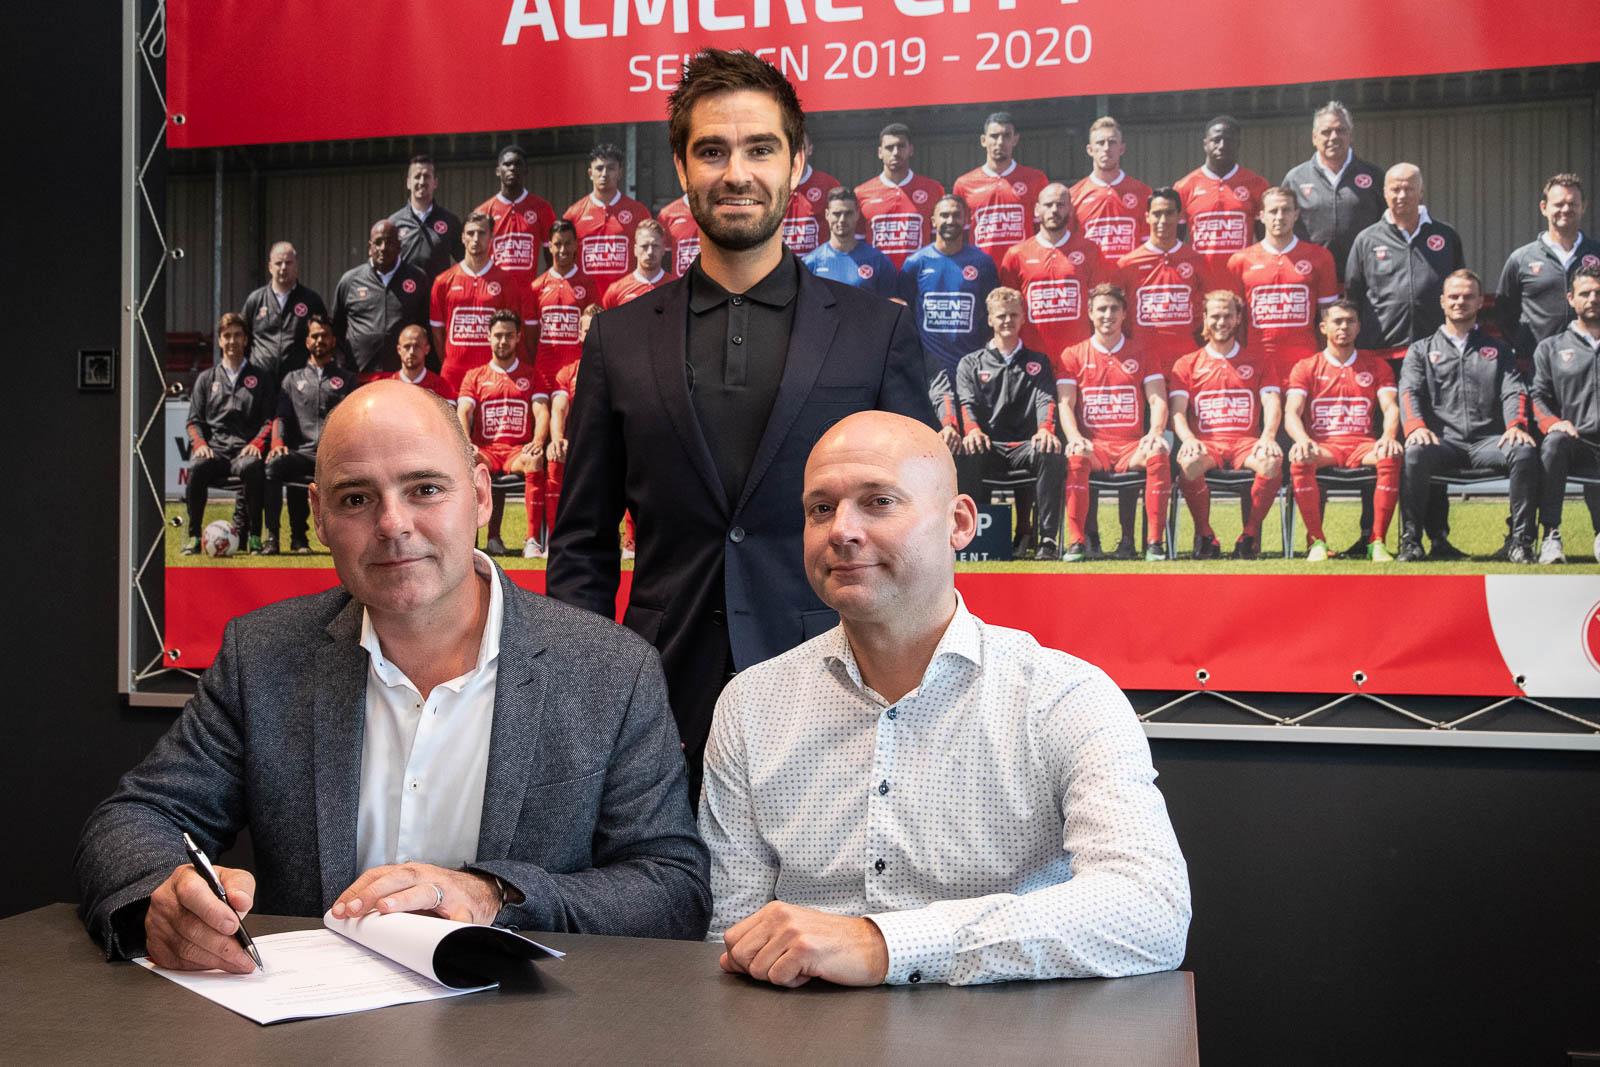 Sligro Almere teruggekeerd als businessclub lid